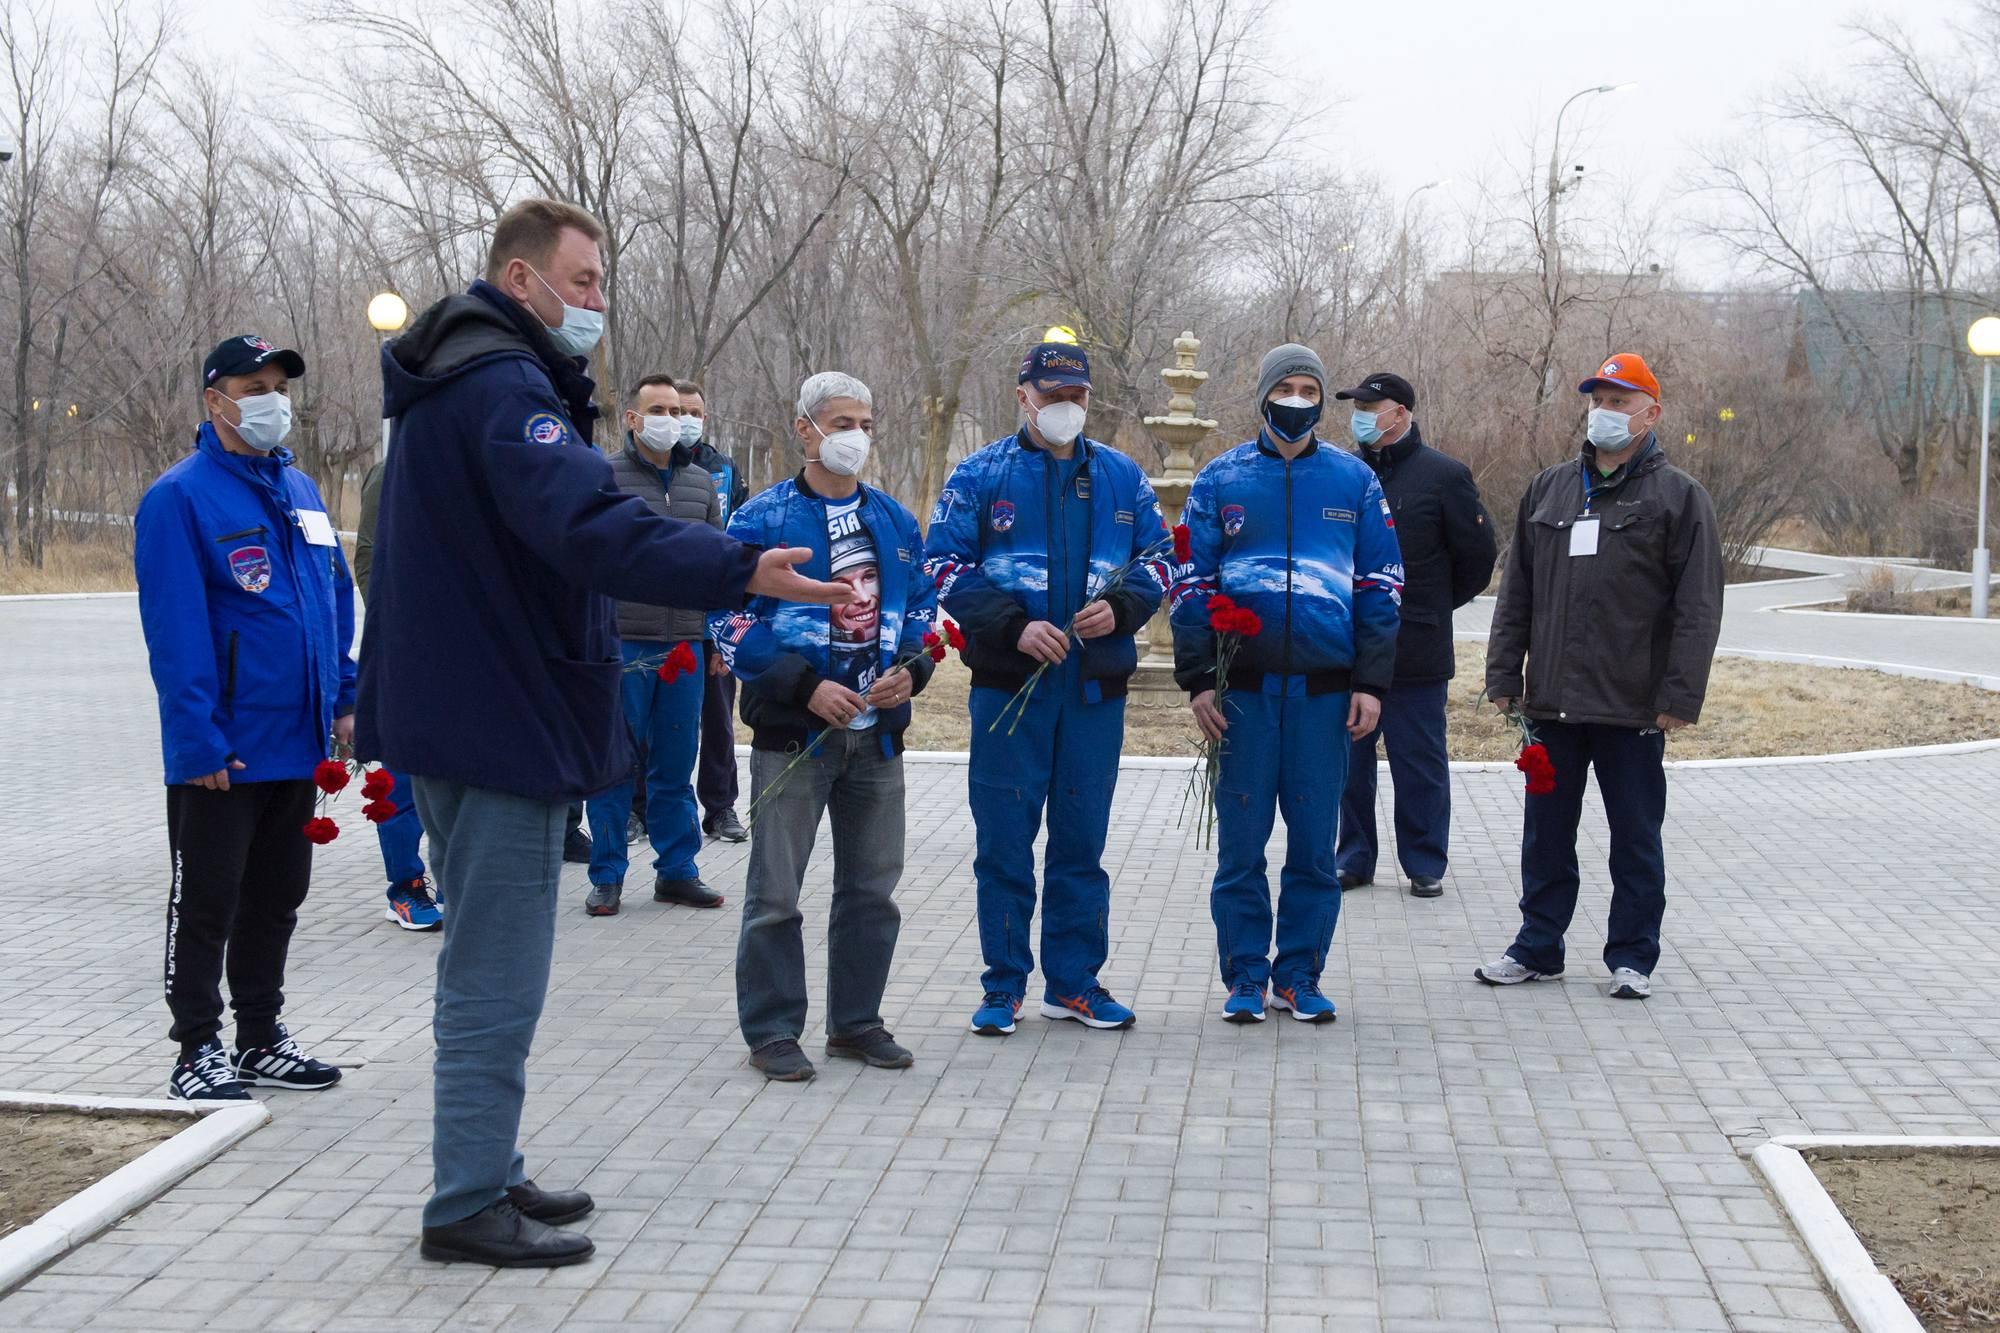 Des oeillets et de beaux blousons et tee-shirt pour les cosmonautes.